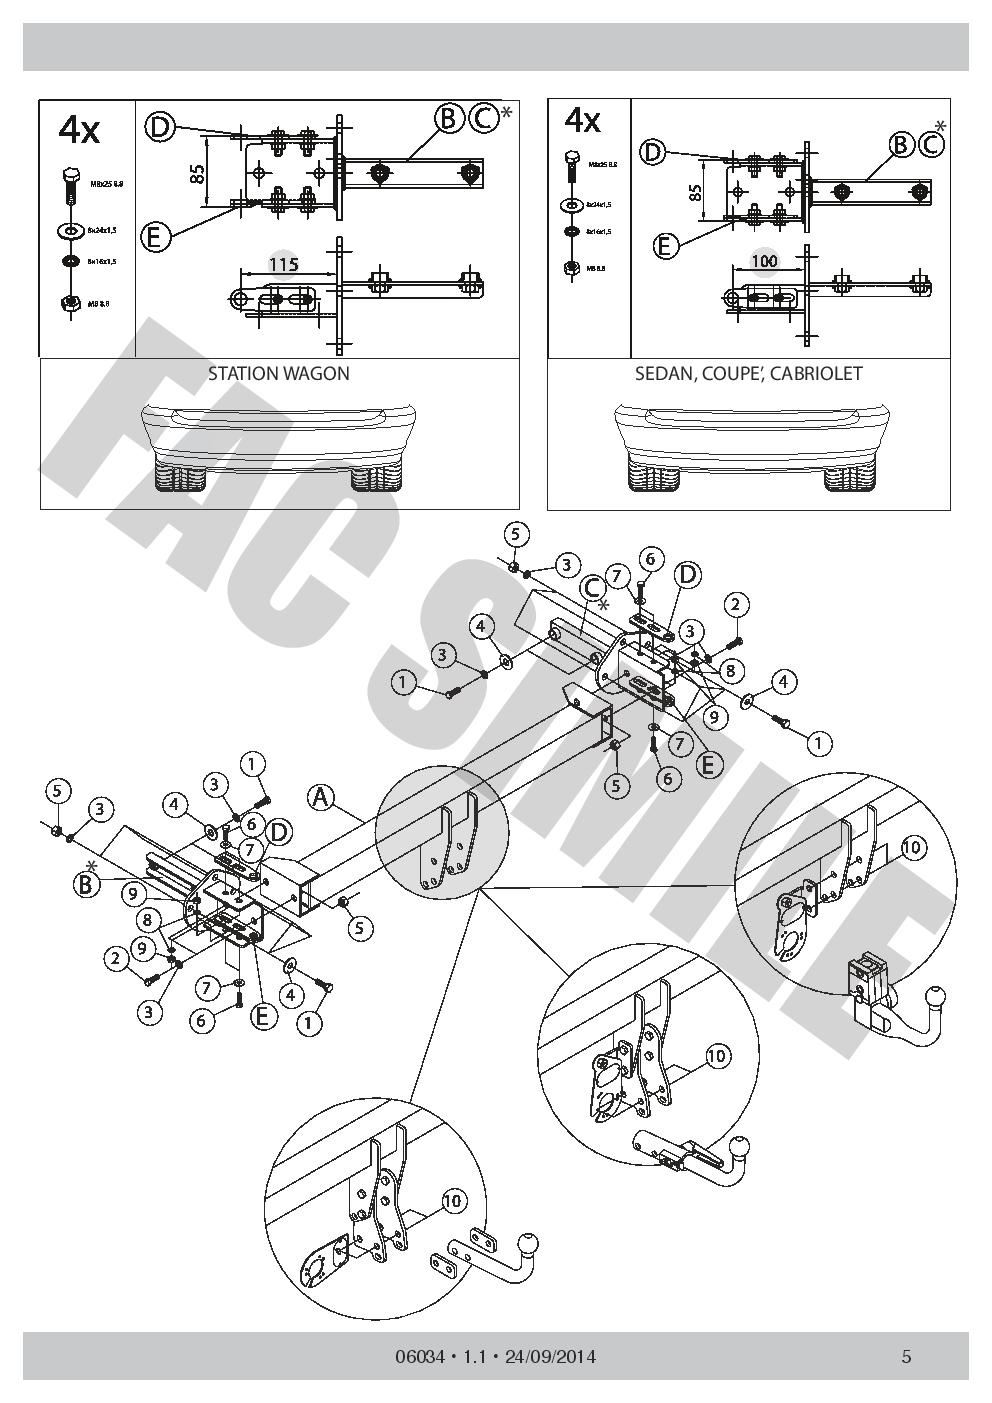 AHK Feste Starre Anhängerkupplung 7p C2 E-Satz BMW 3 Series 00-05 06034//F/_B4